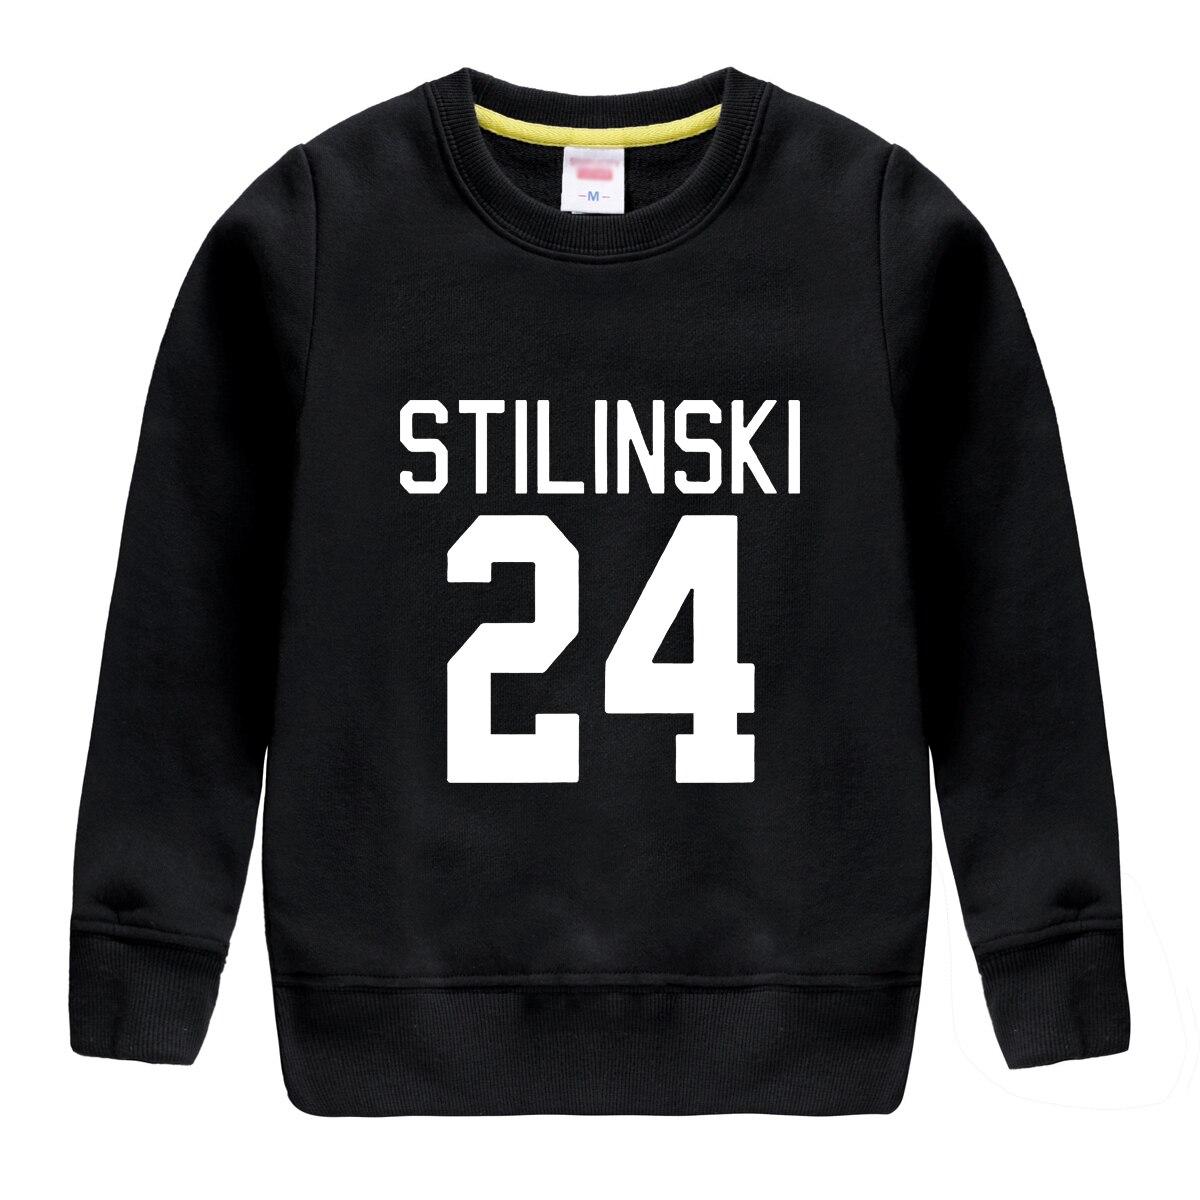 Мода 24 с принтом 2018 Новое поступление сезон зима-весна. Толстовка полный sleece хлопковый пуловер для маленьких мальчиков с капюшоном одежда